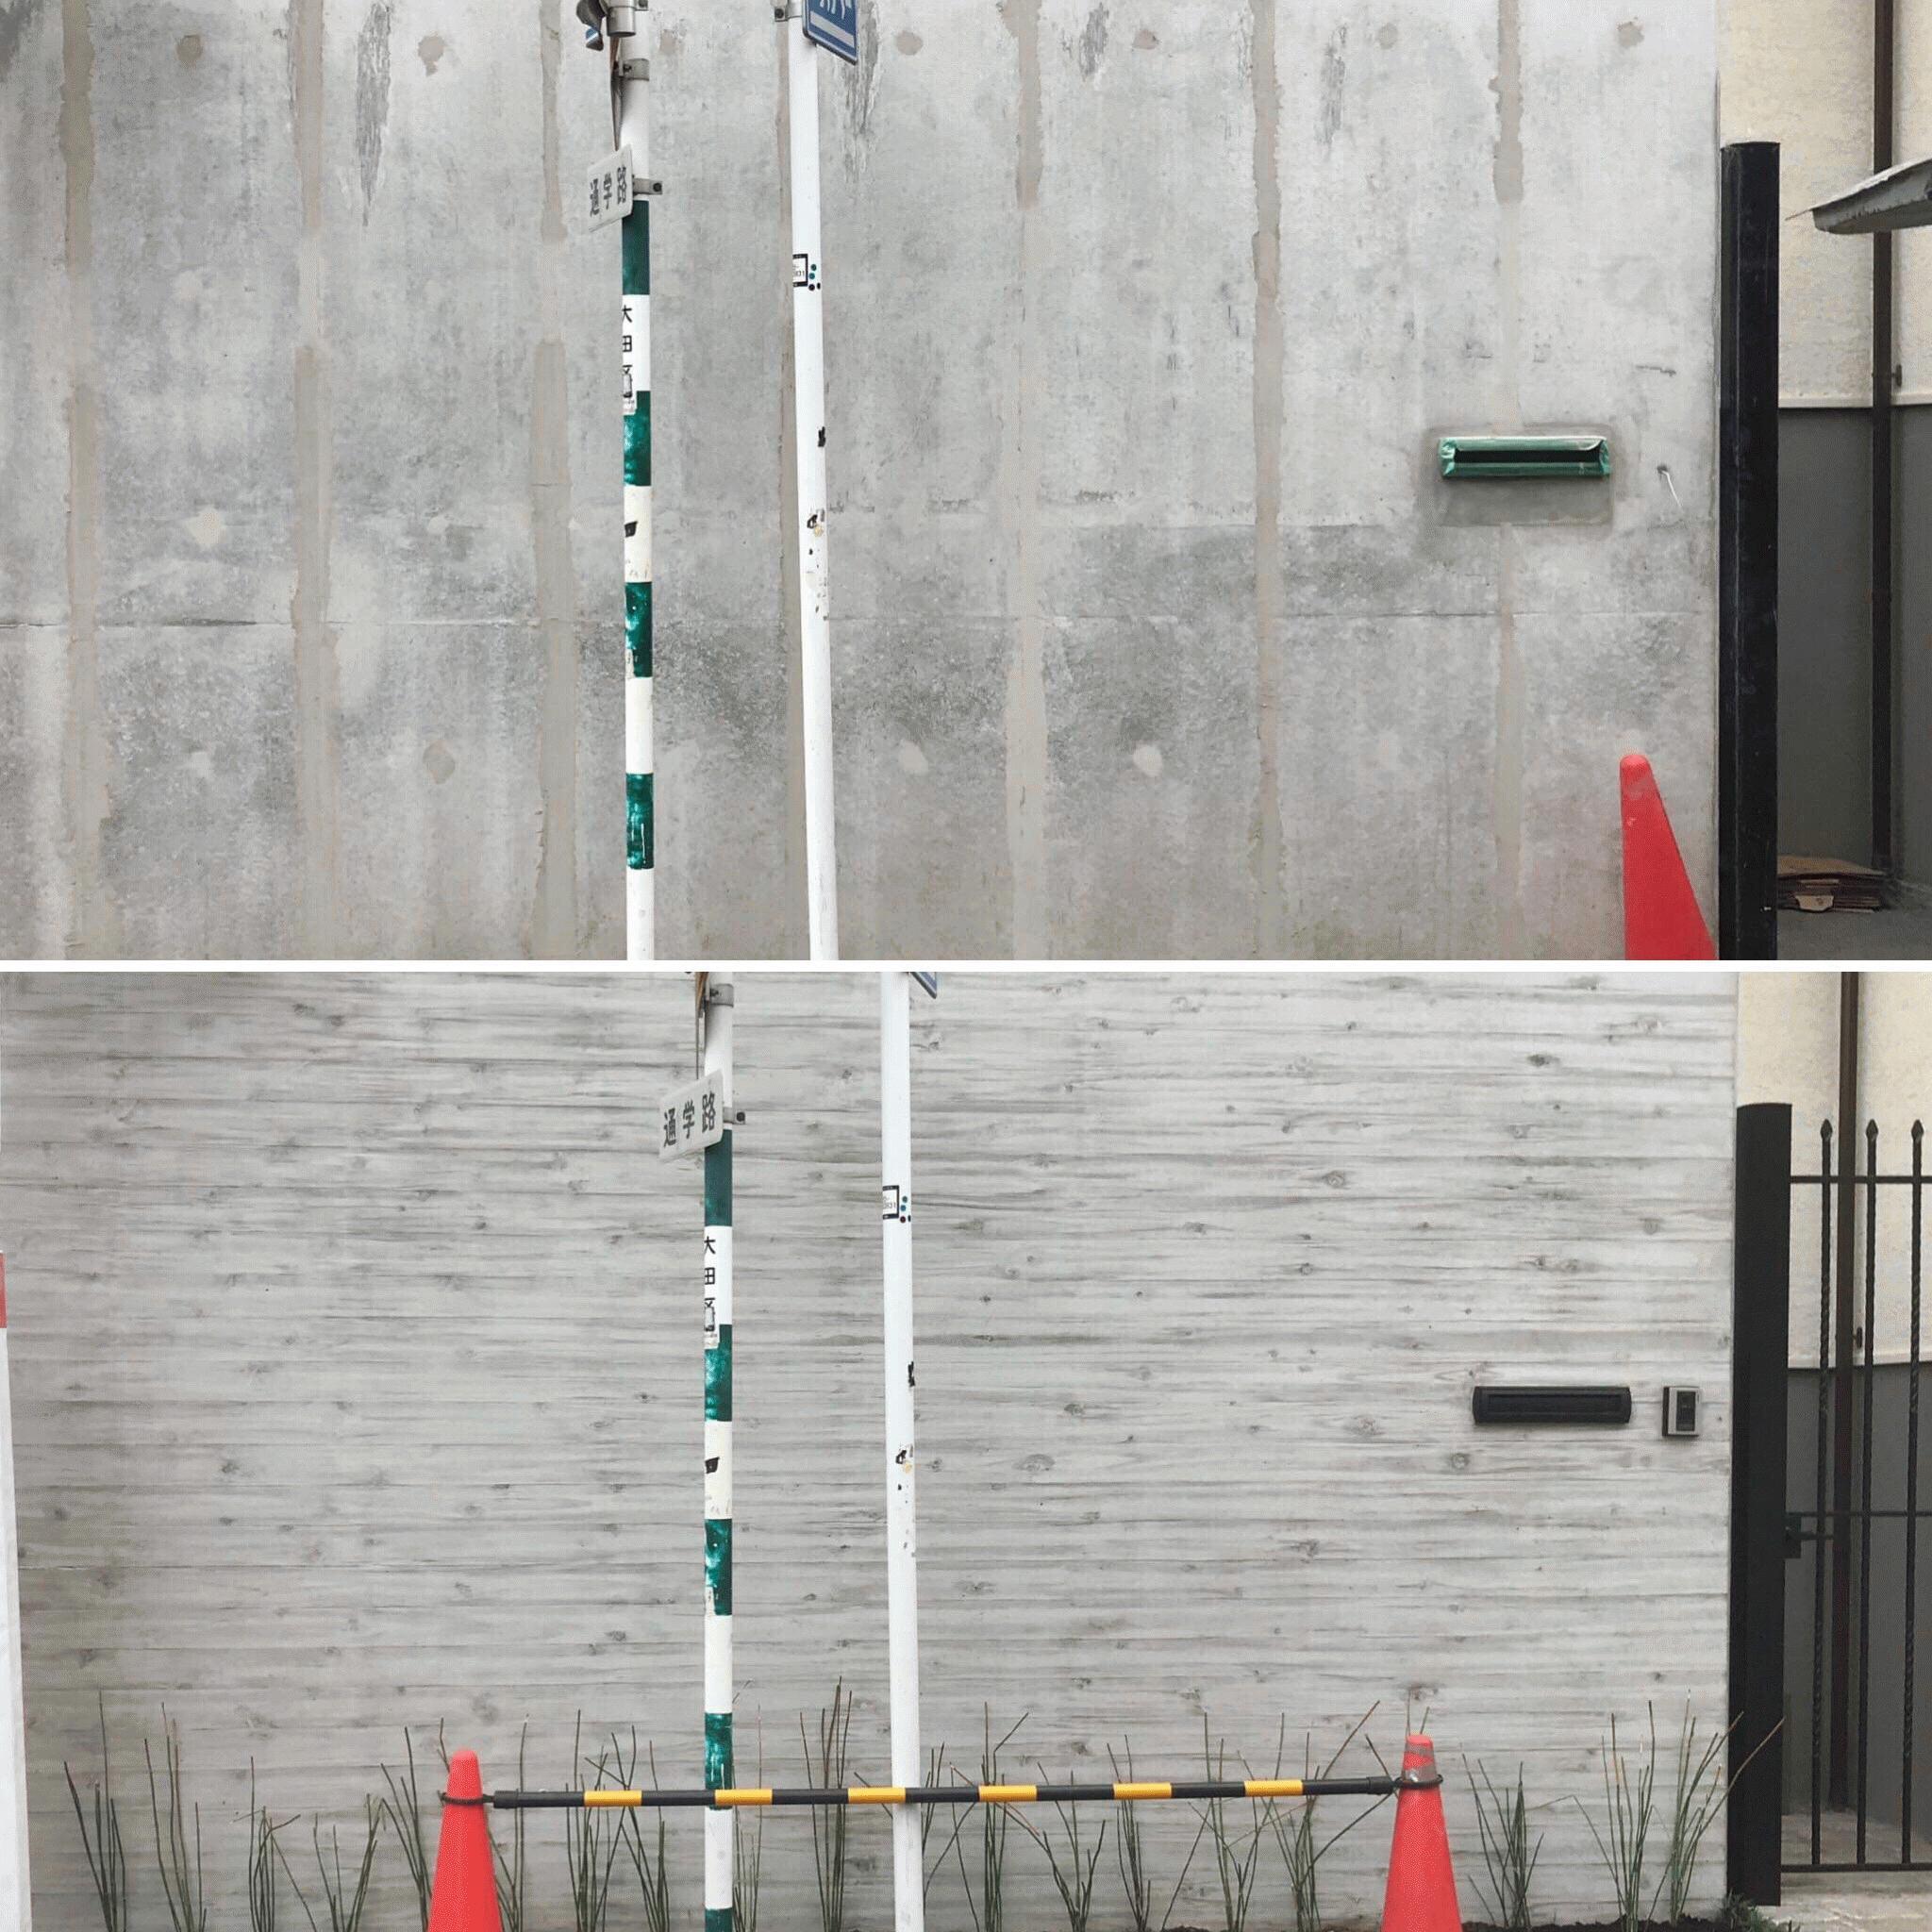 打ち放しペイントはコンクリートの長寿命化と再生で美しいサステナブル社会に貢献する